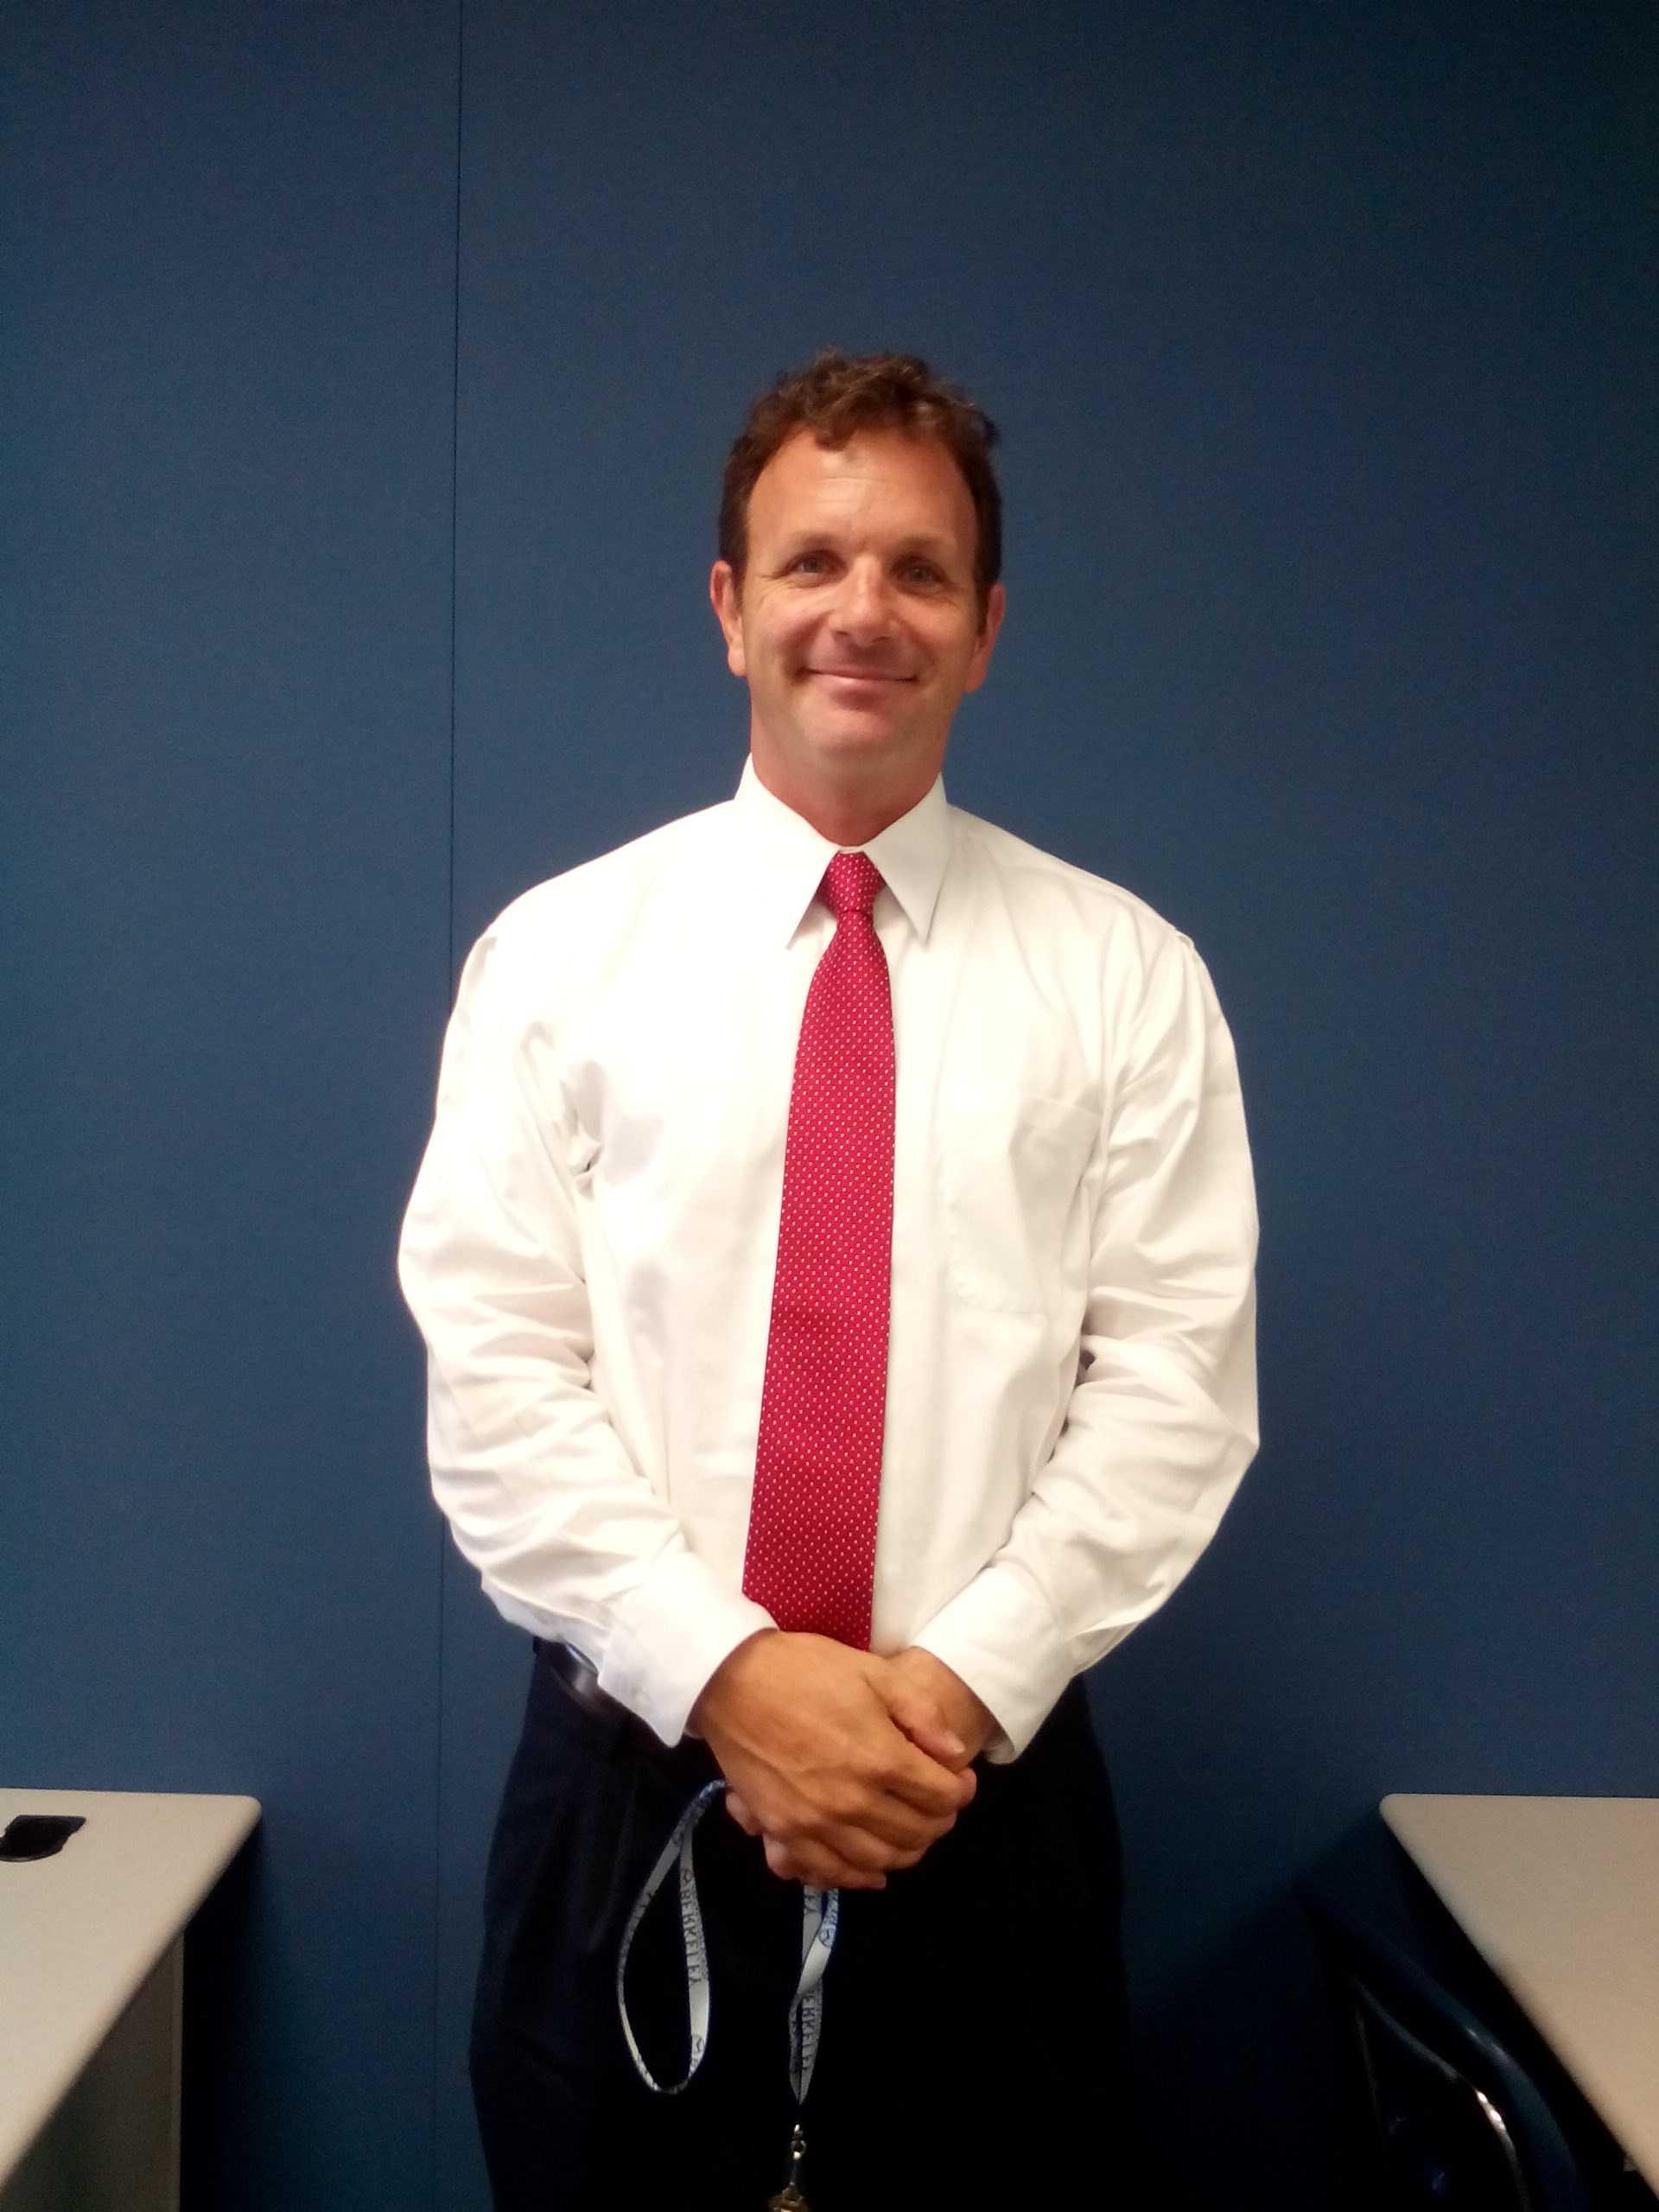 Mr. Hurst